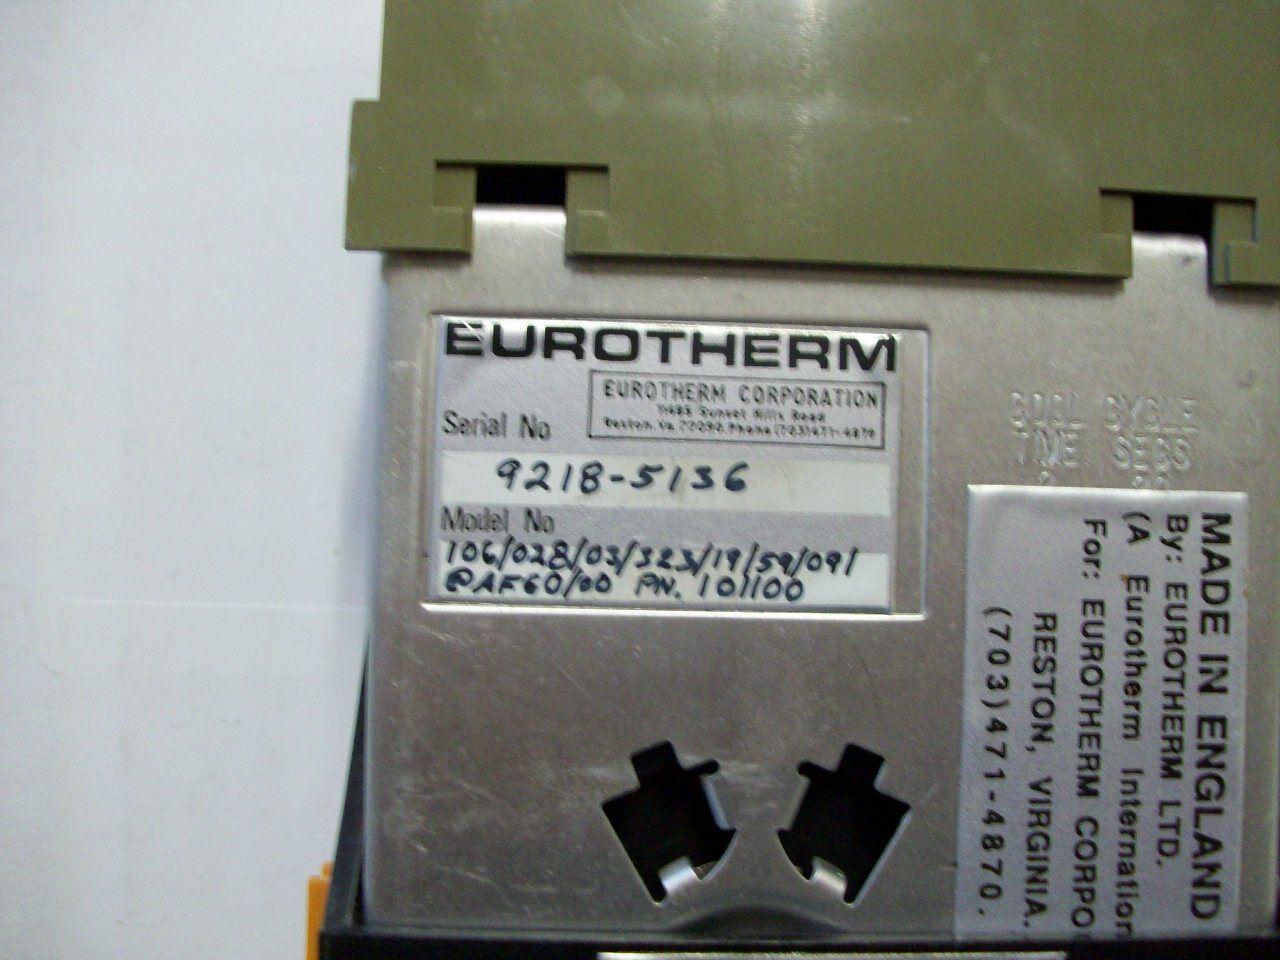 Euredherm 106 Process Alarm Alarm Alarm Controller Lot